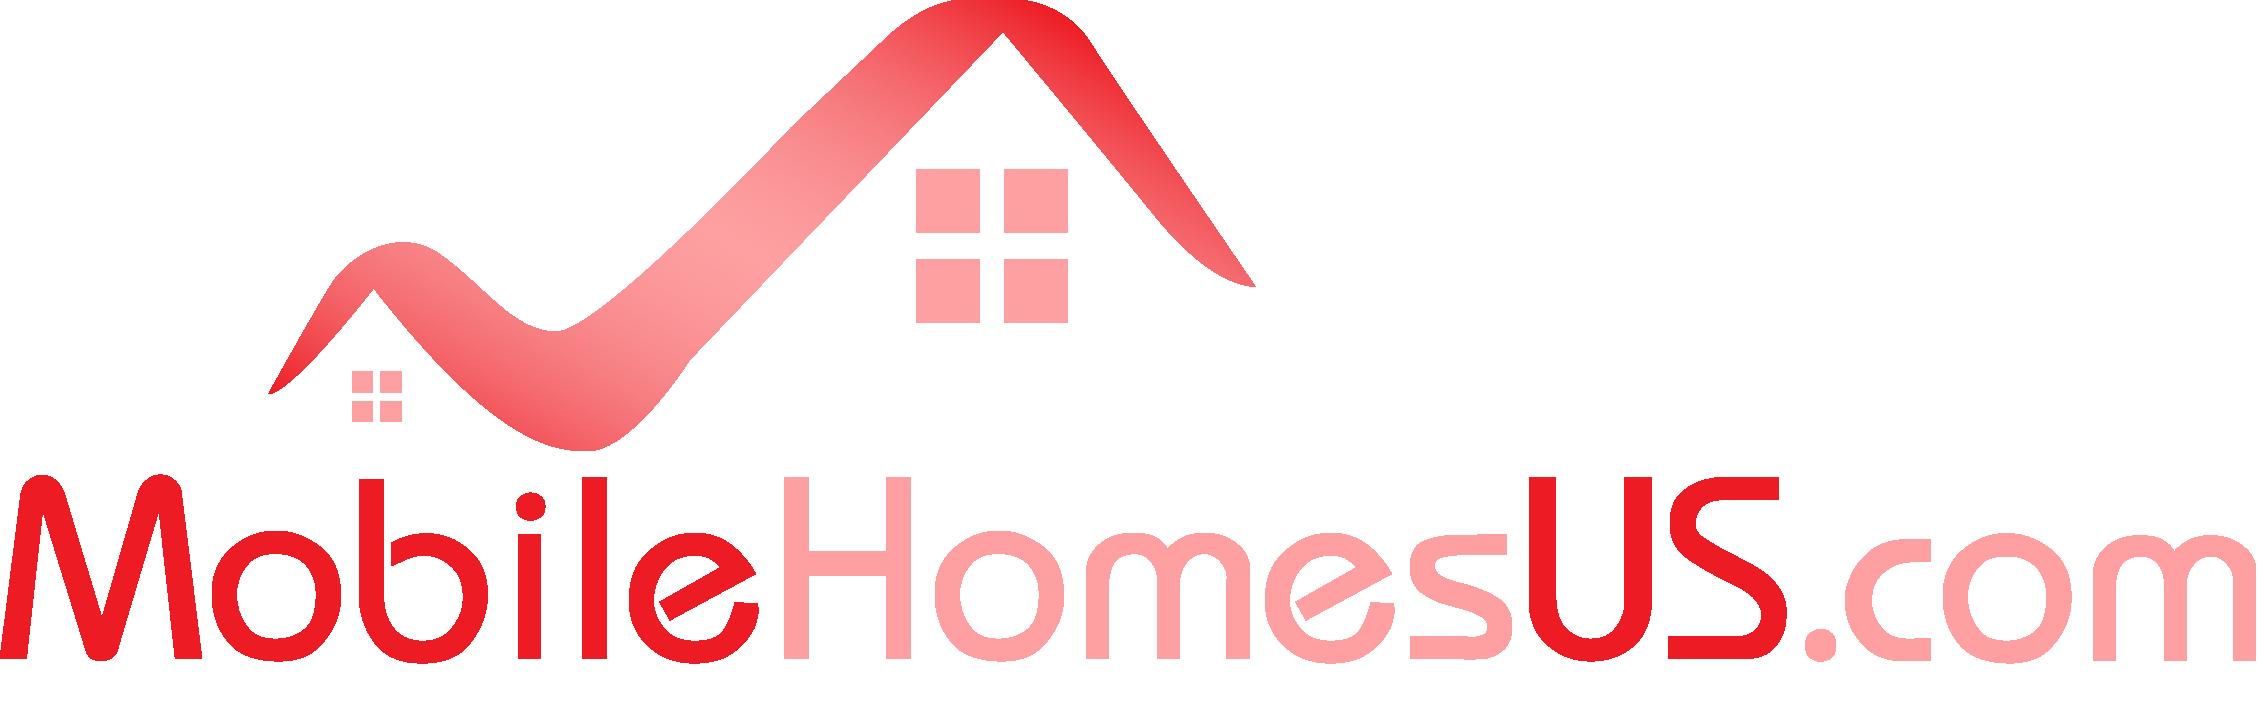 mobile homes us